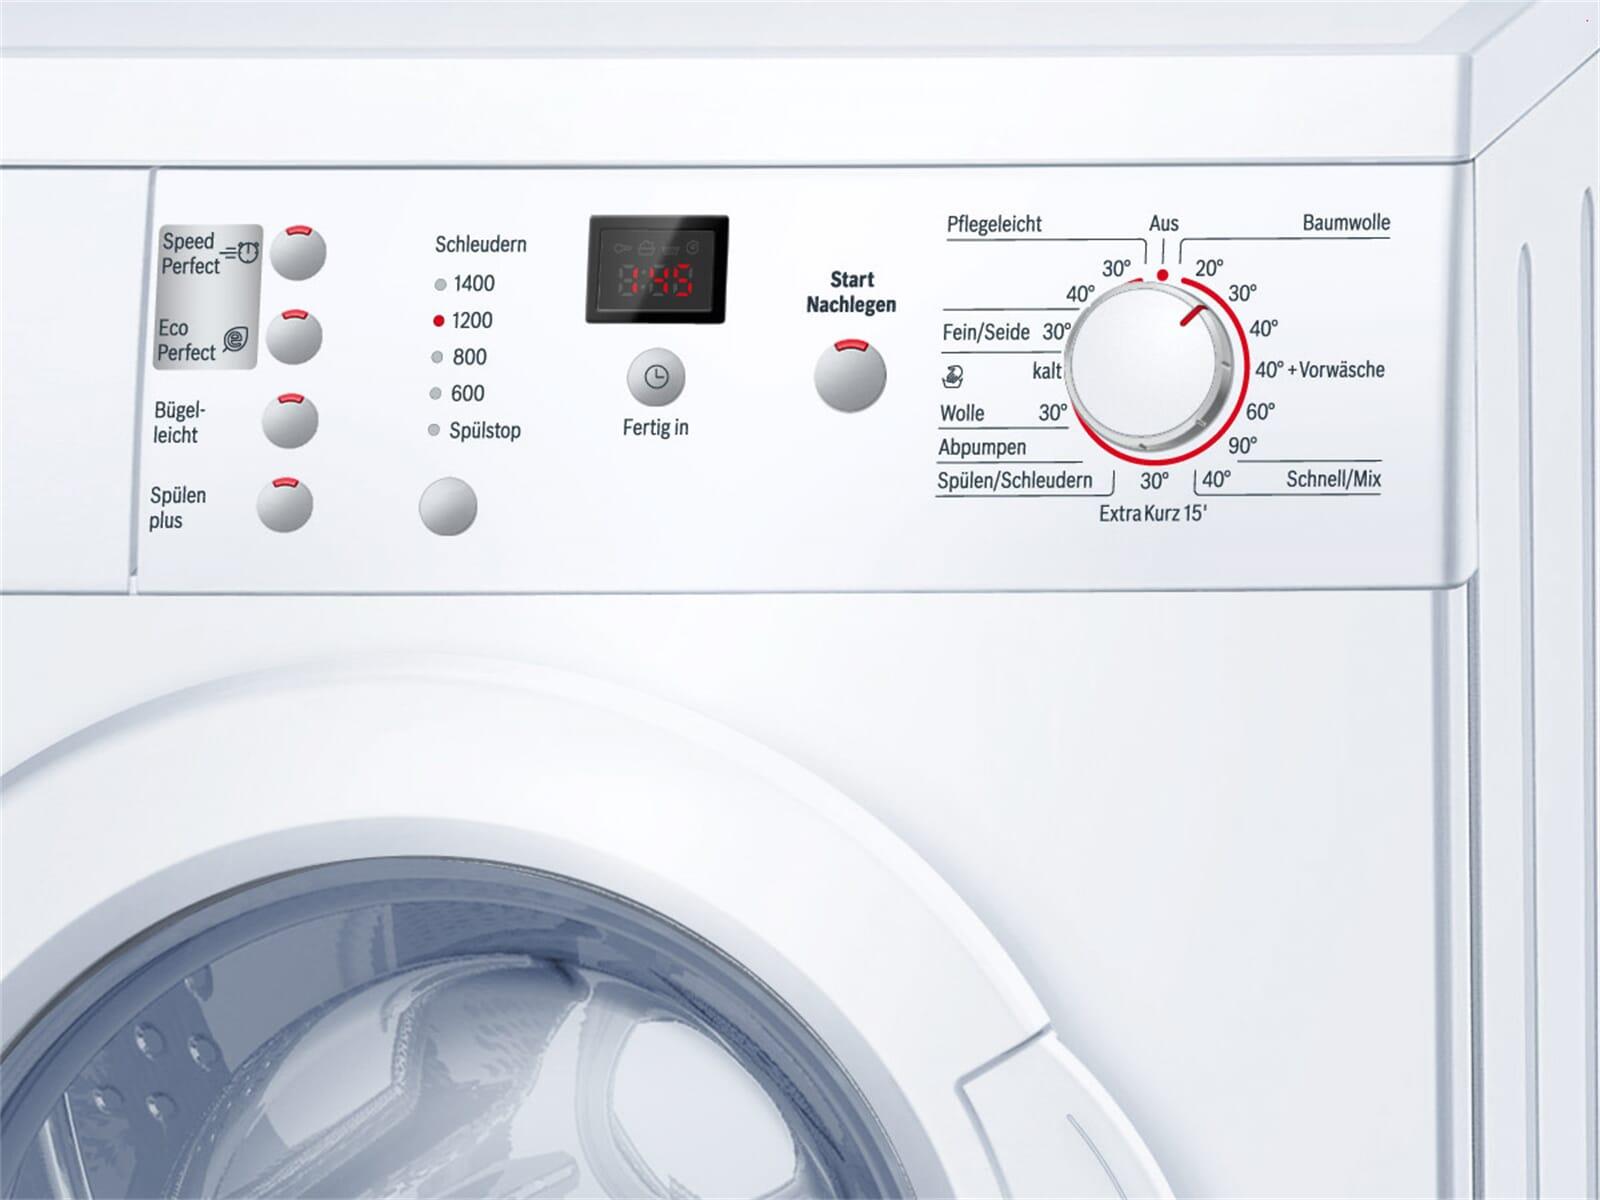 moebelplus - Ihre 1. Wahl für Küchengroßgeräte und Zubehör